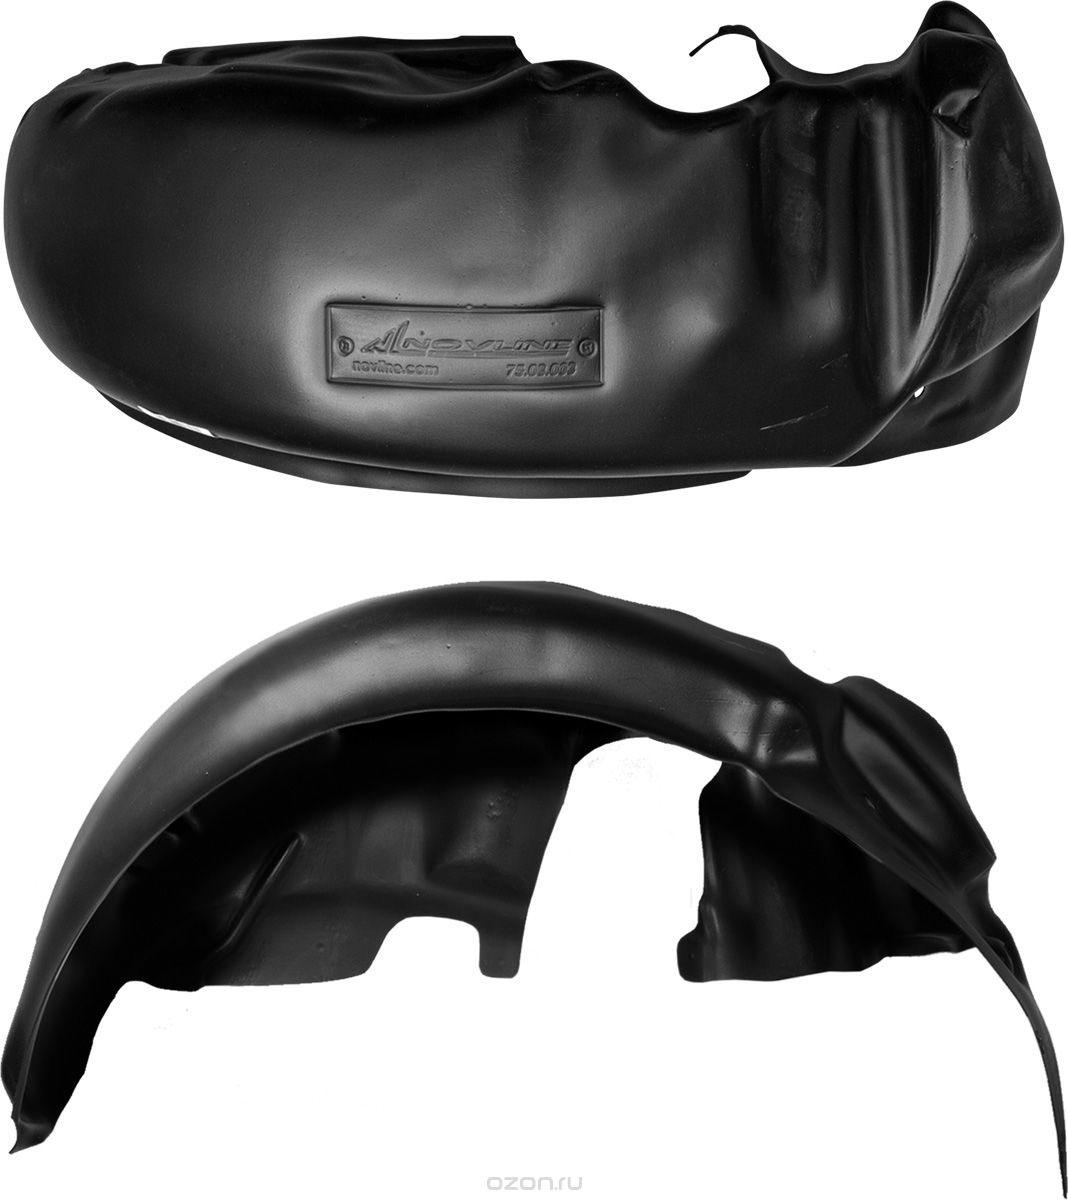 Подкрылок Novline-Autofamily, для Hyundai Solaris, 2014->, седан, задний левыйNLL.20.43.003.01Идеальная защита колесной ниши. Локеры разработаны с применением цифровых технологий, гарантируют максимальную повторяемость поверхности арки. Изделия устанавливаются без нарушения лакокрасочного покрытия автомобиля, каждый подкрылок комплектуется крепежом. Уважаемые клиенты, обращаем ваше внимание, что фотографии на подкрылки универсальные и не отражают реальную форму изделия. При этом само изделие идет точно под размер указанного автомобиля.